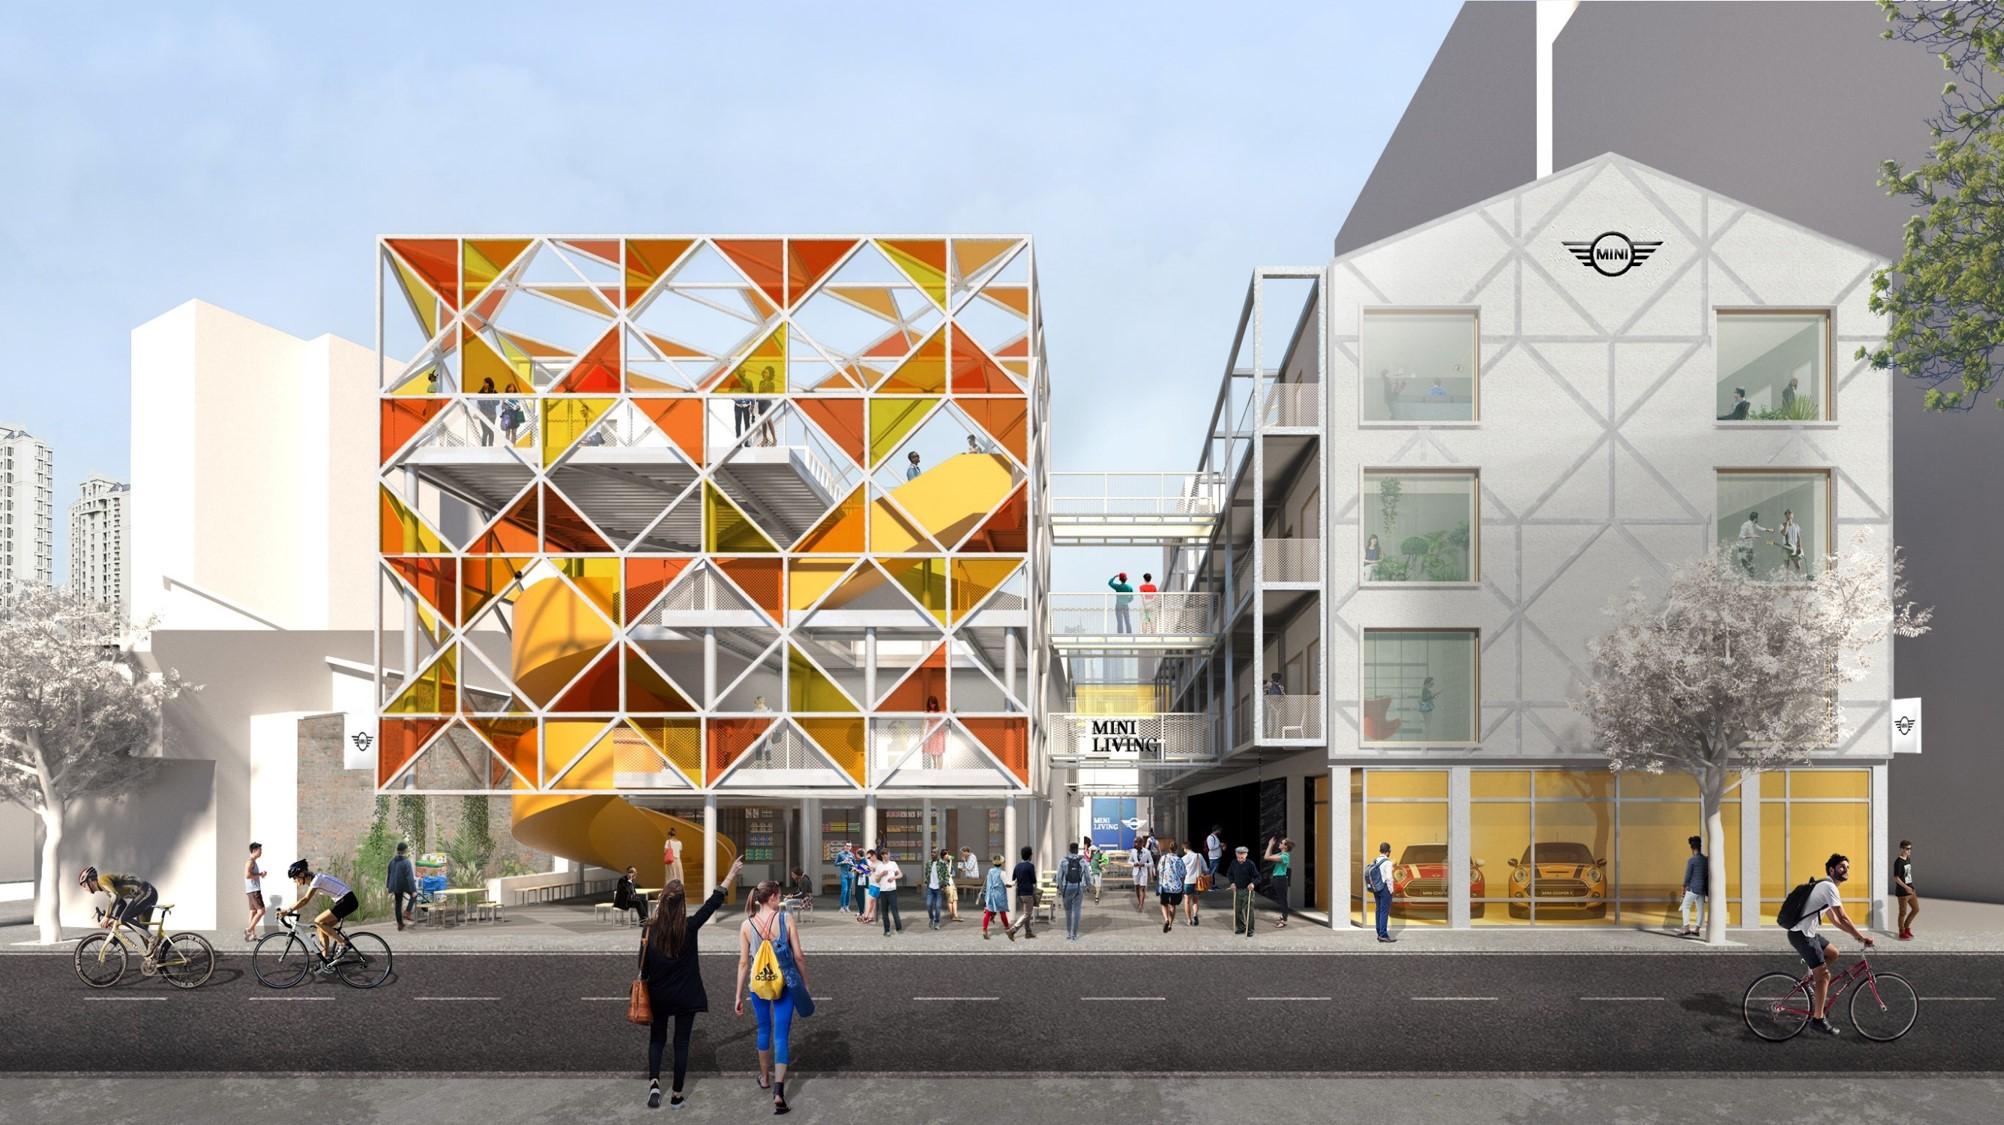 미니(2) : 자동차 회사가 도시에 건물을 짓는 이유